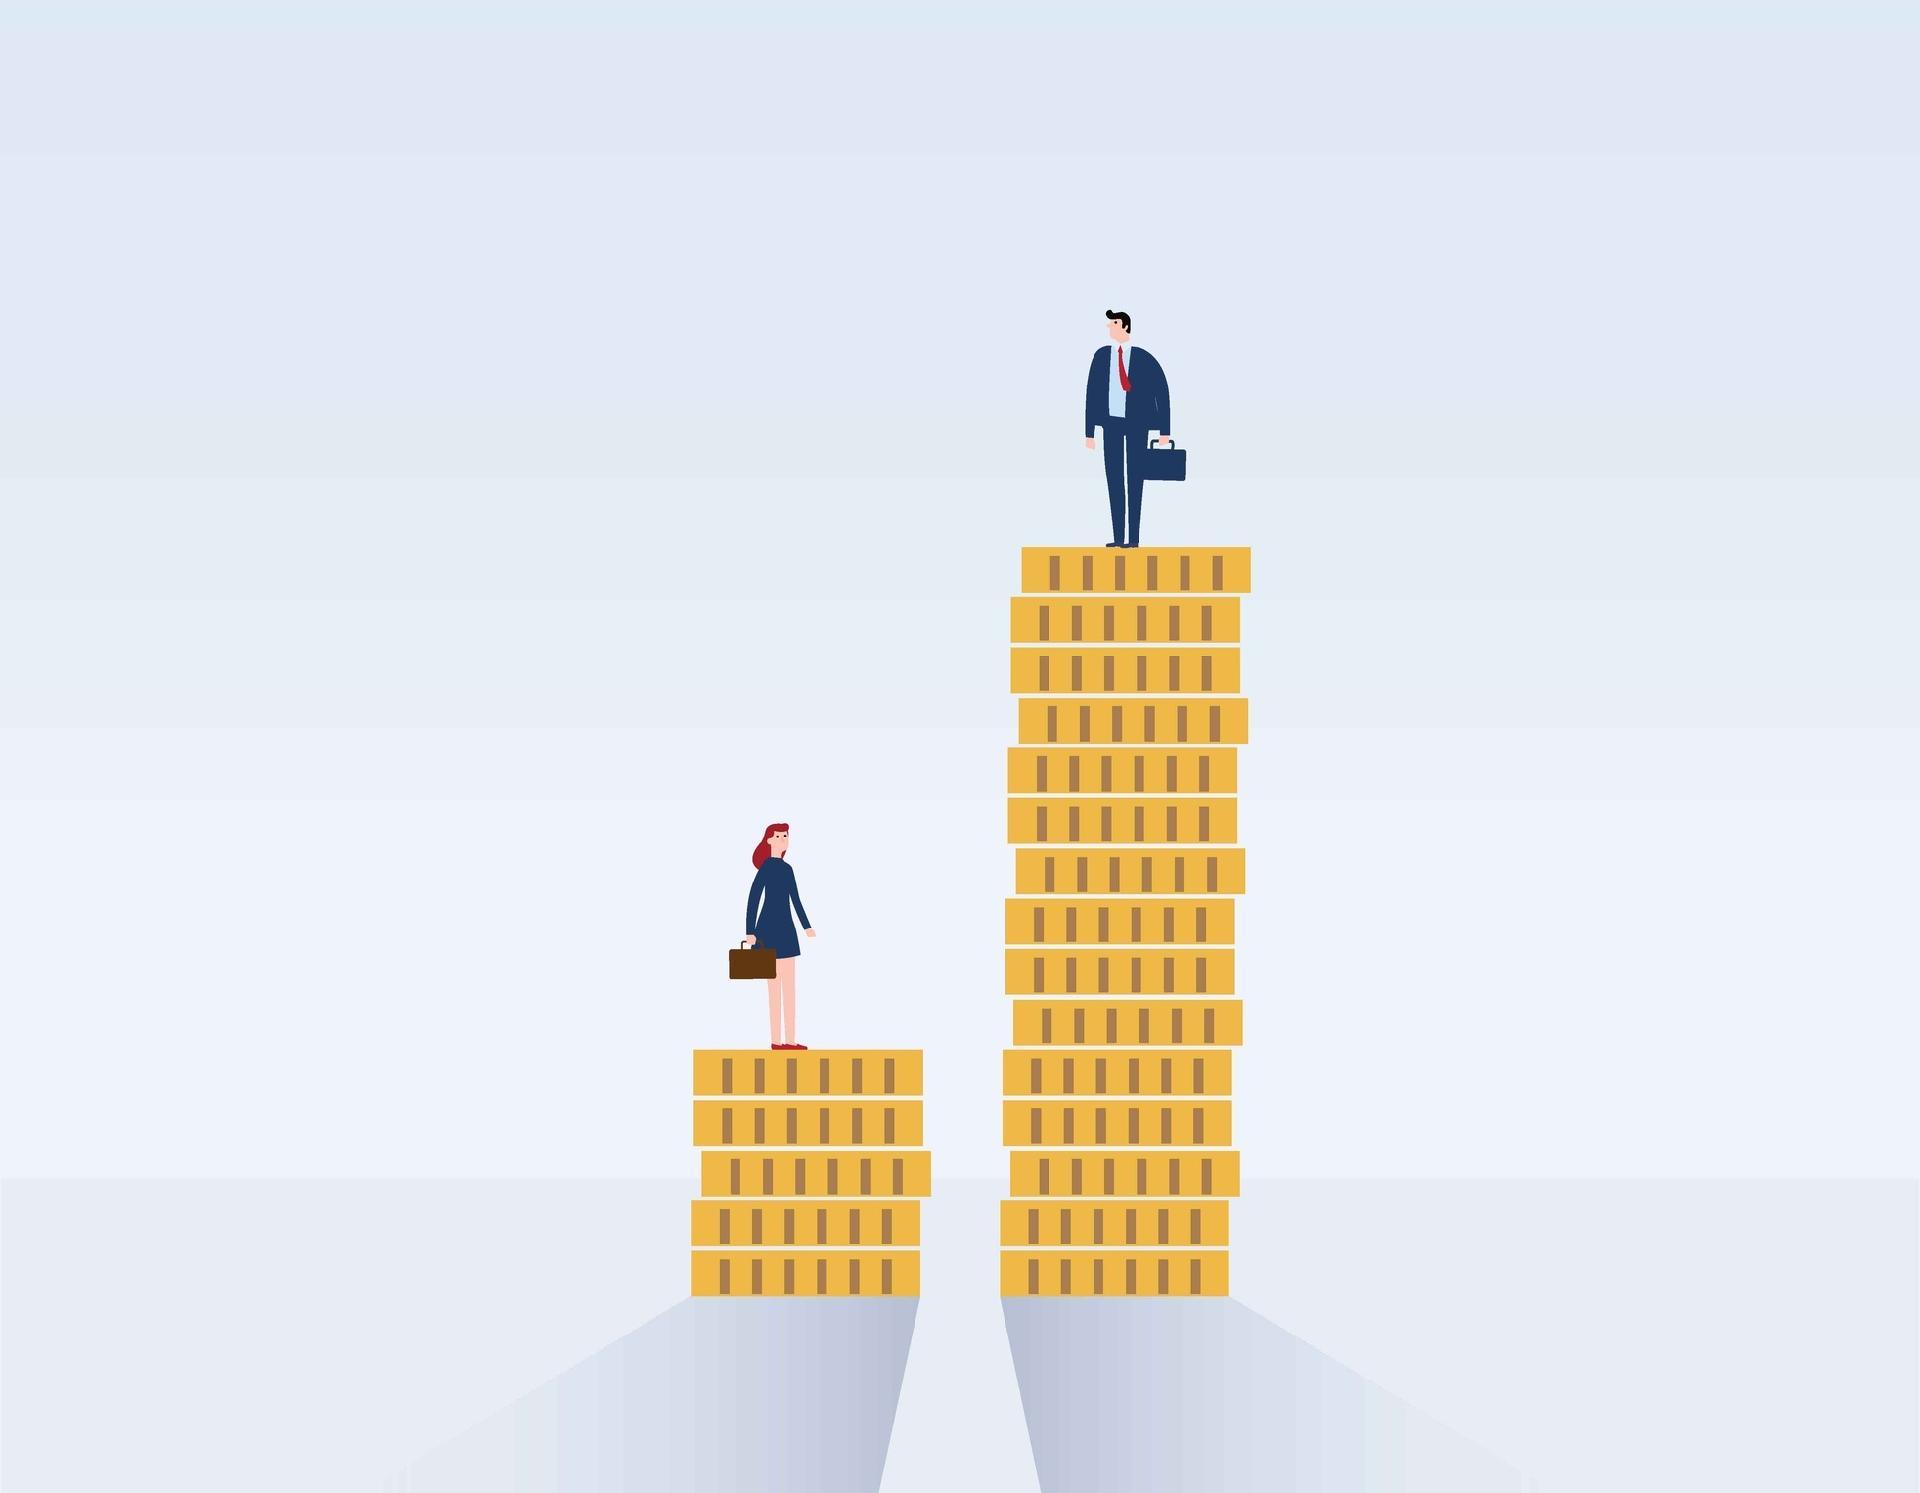 Pandemia aumenta diferença salarial entre homens e mulheres no RS